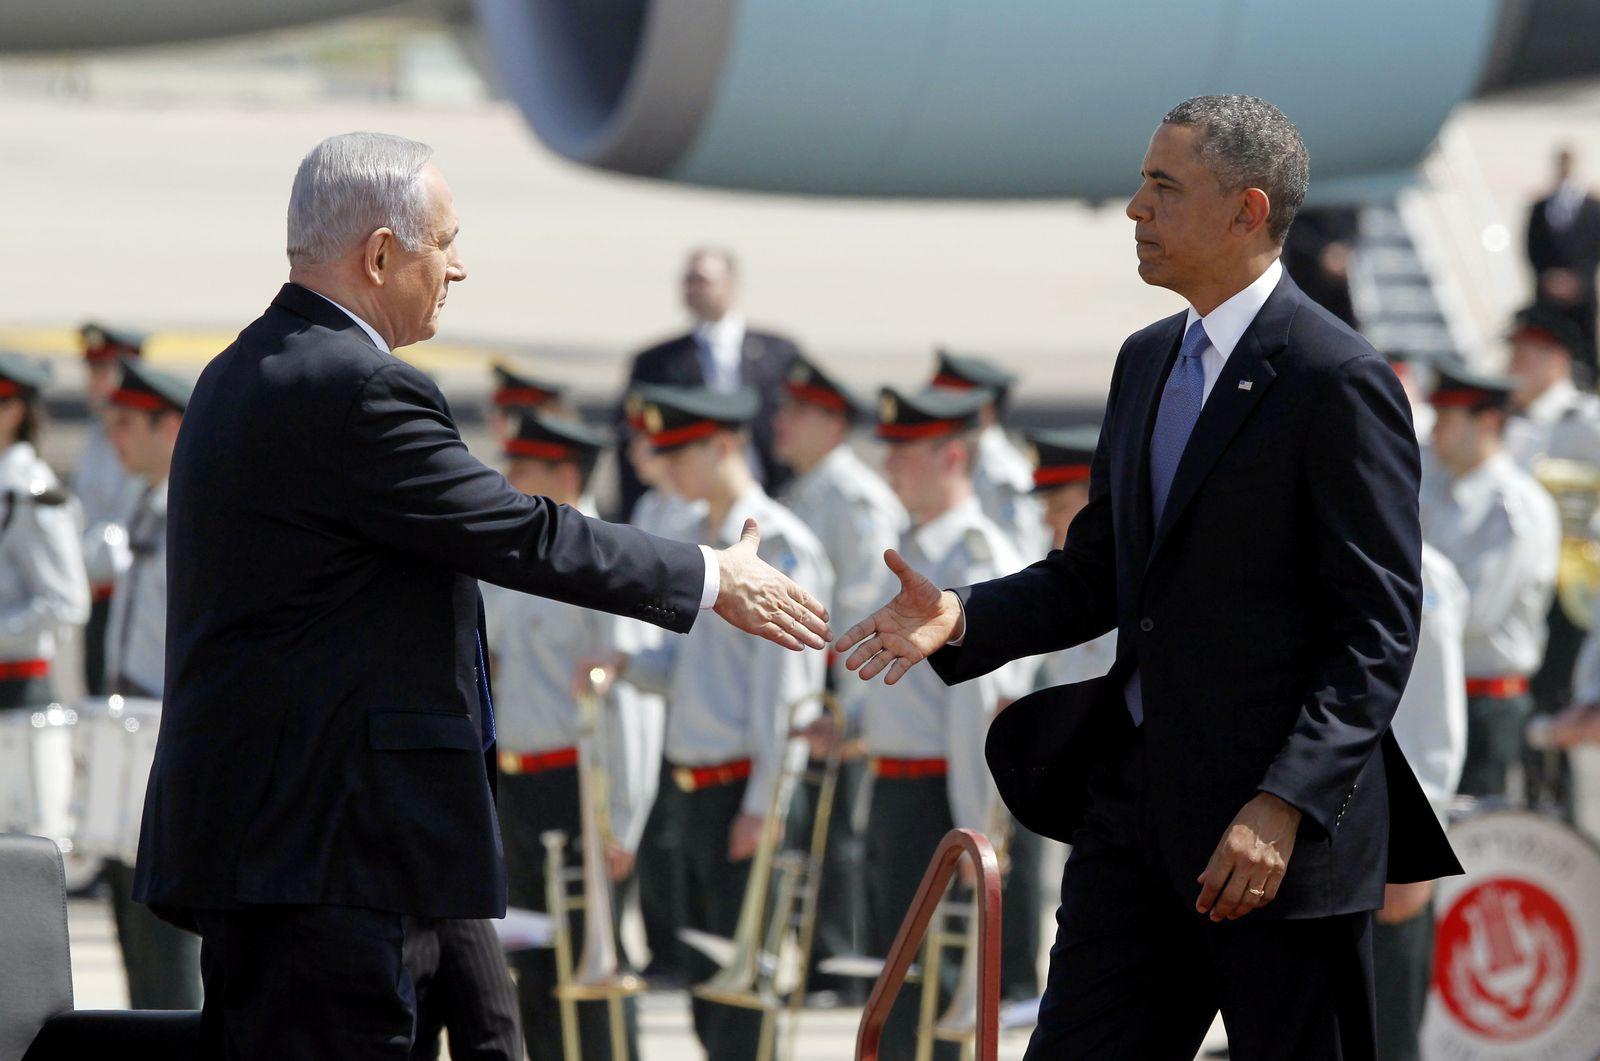 Netanyahu/ Obama